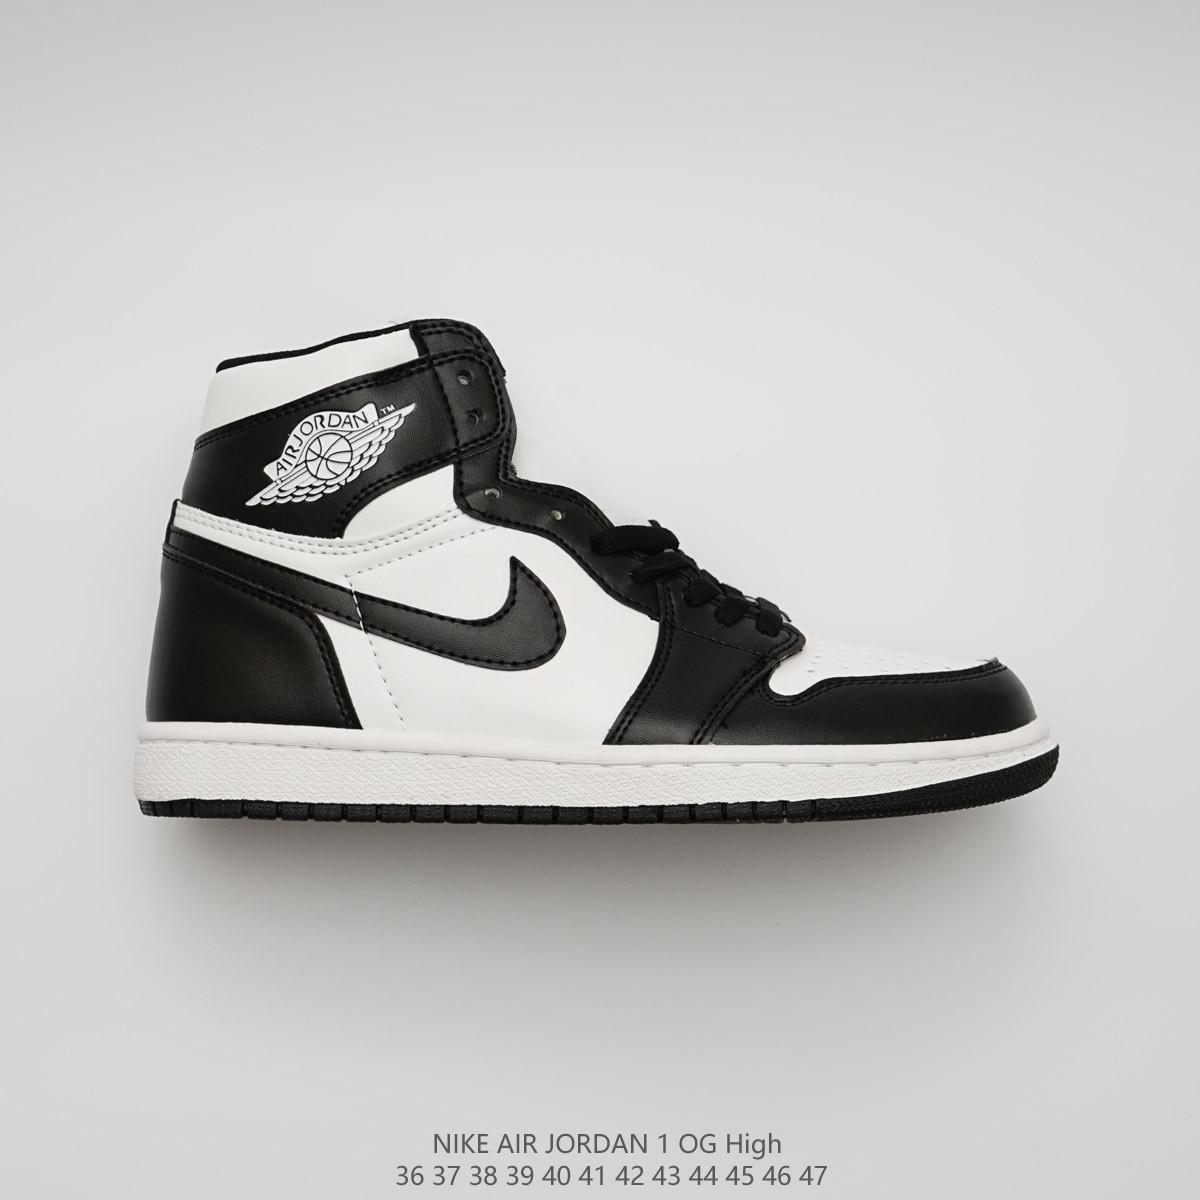 Баскетбольные кроссовки Nike Air Jordan 1 Retro